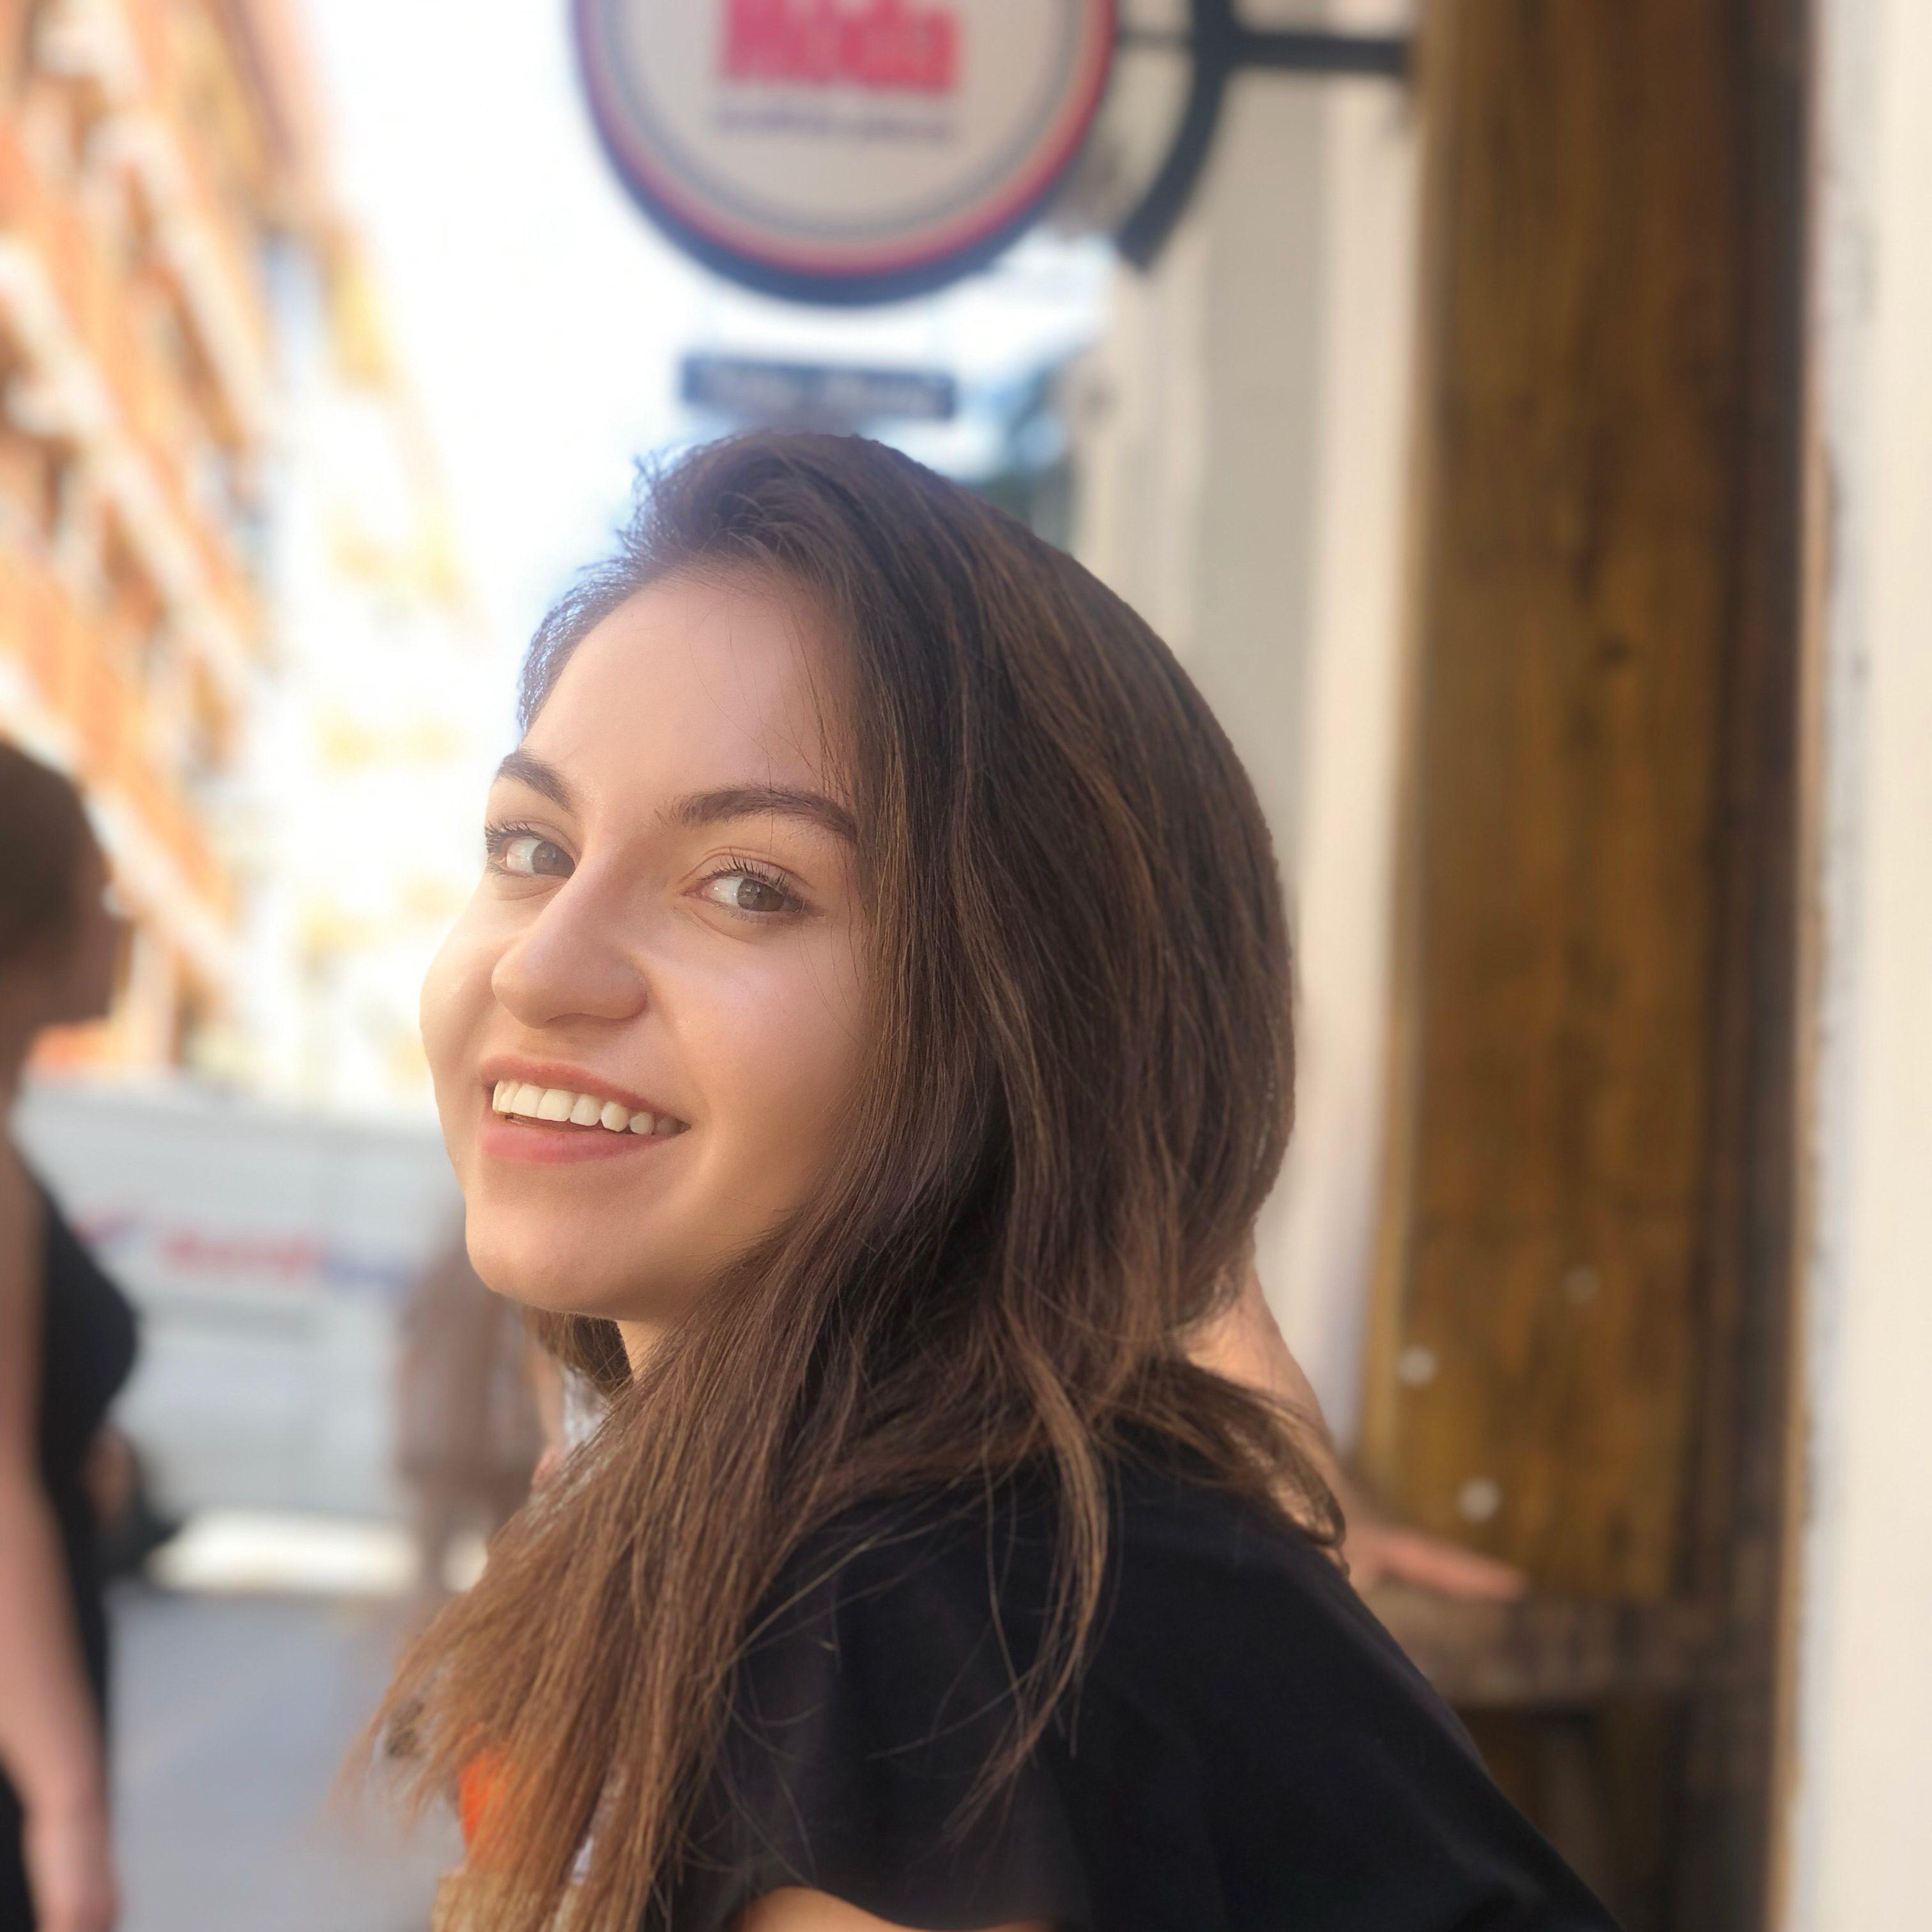 Gülce Taranlar, Uluslararası Tic. ve İşletmecilik bölümü öğrencisi